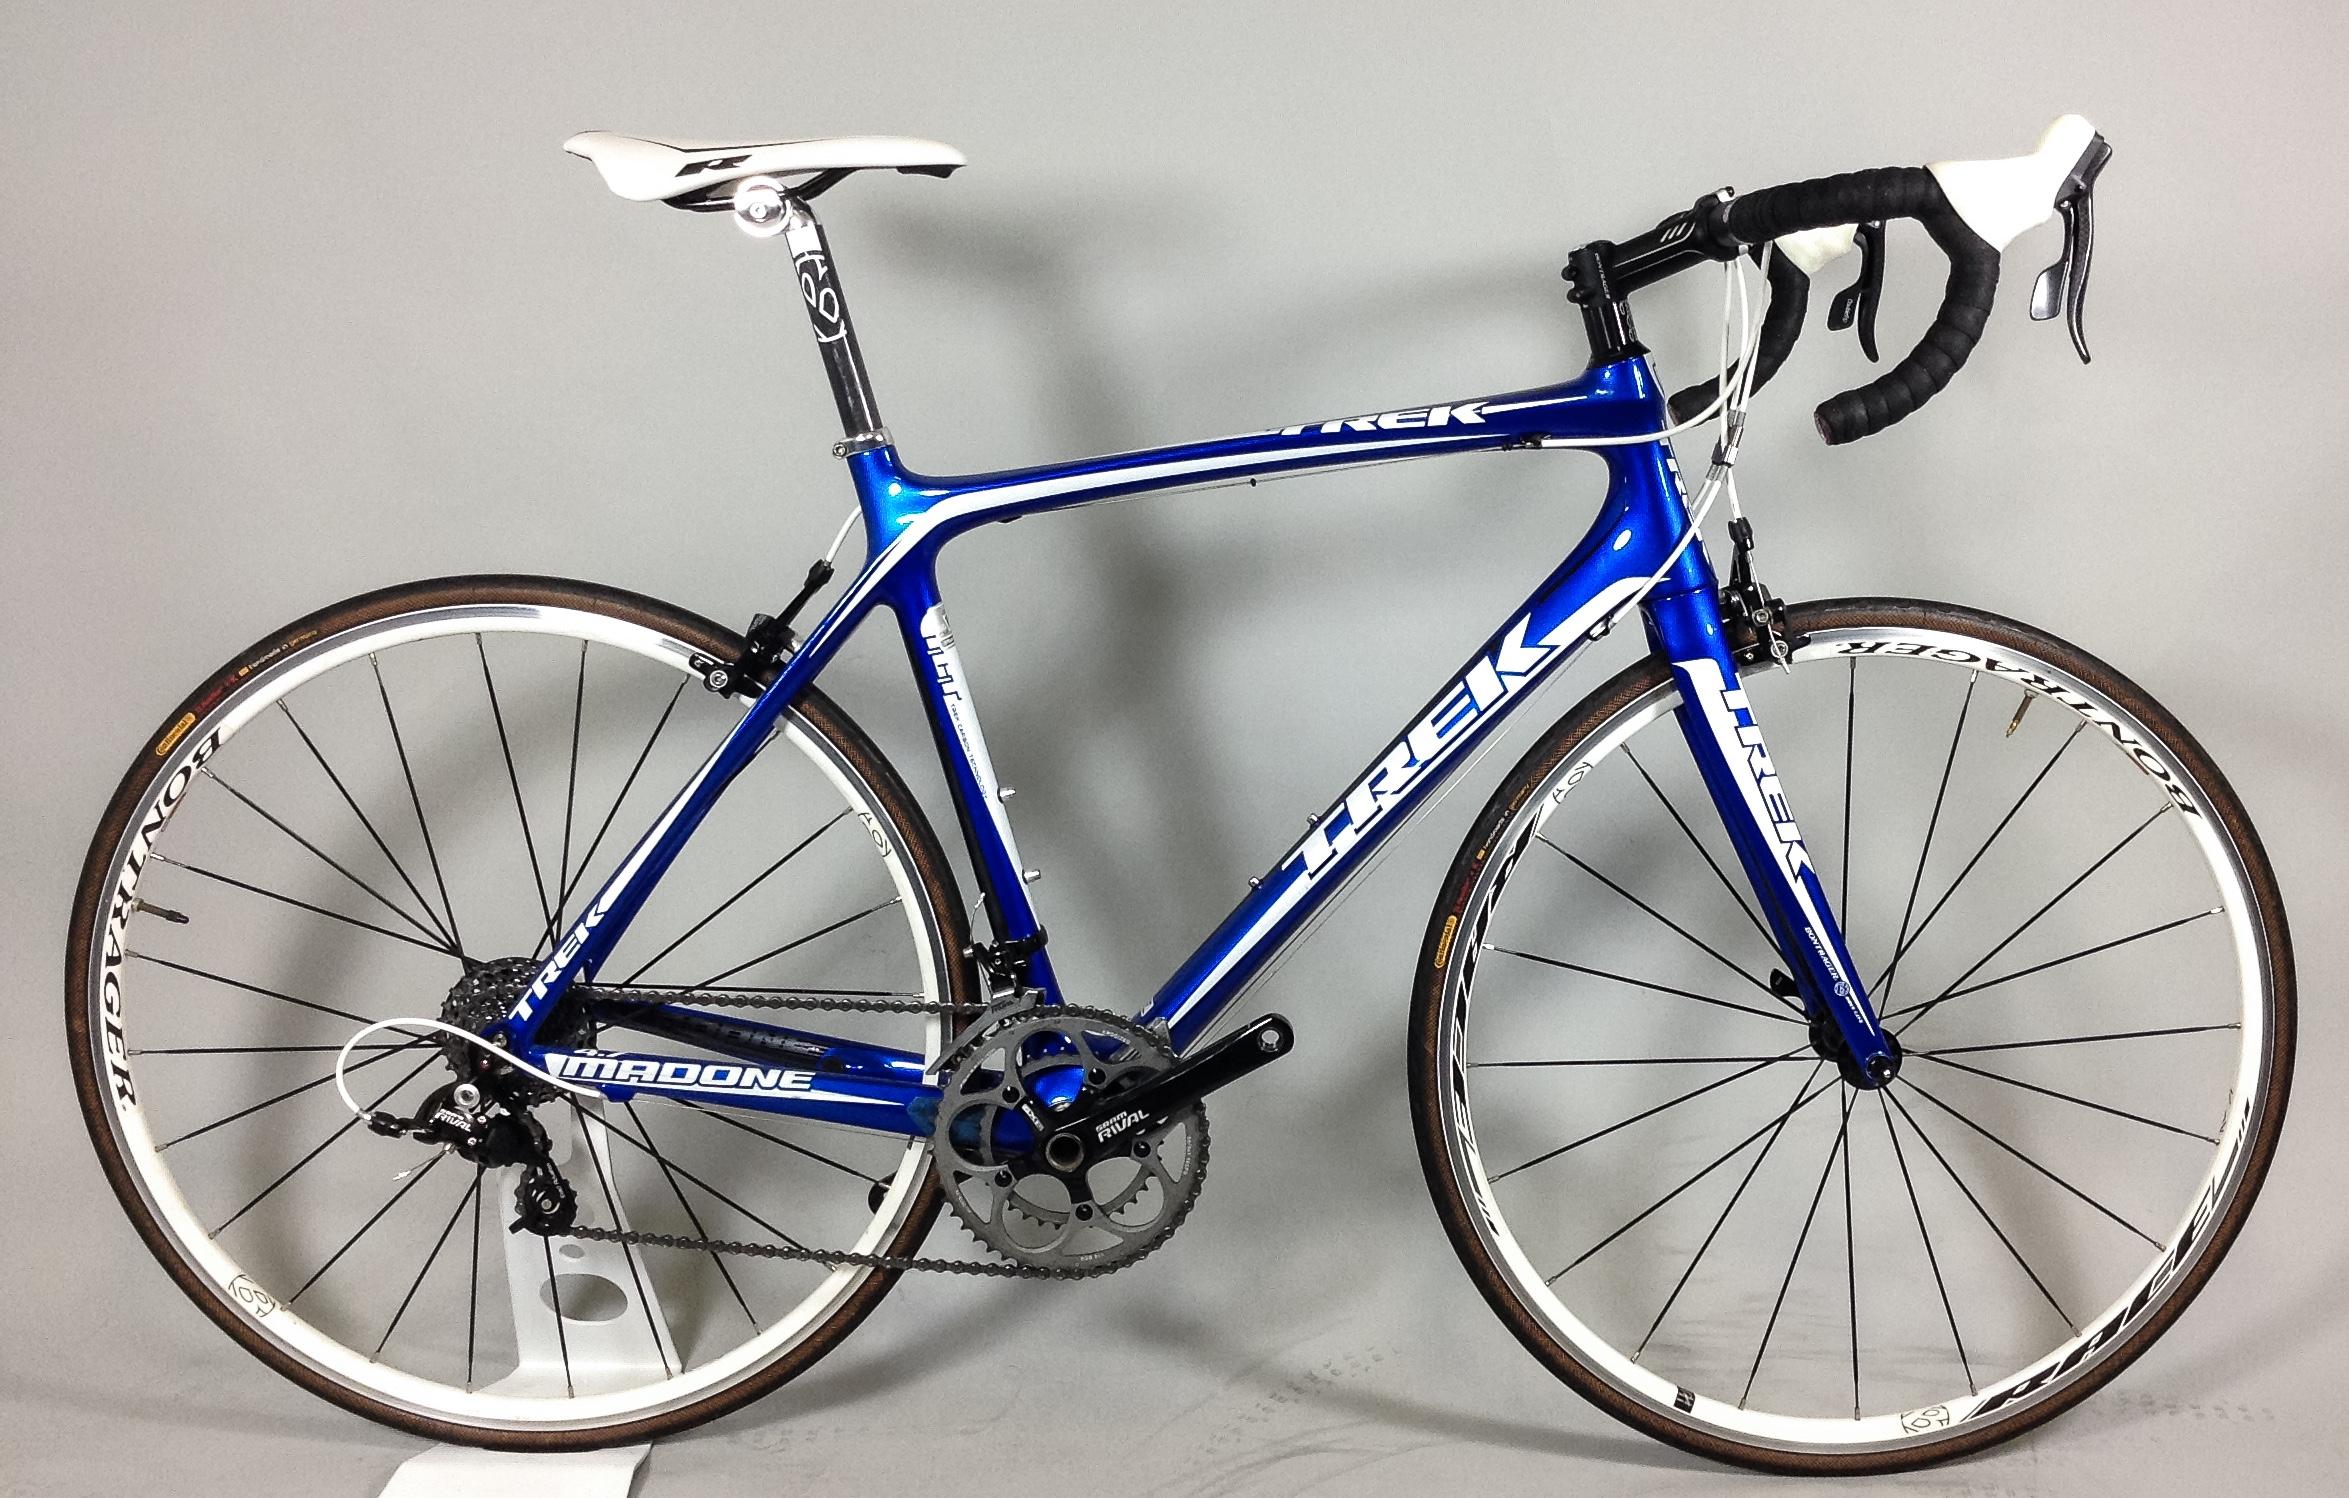 Trek Bicycle Superstore USED Trek Madone 4 7 56cm - www